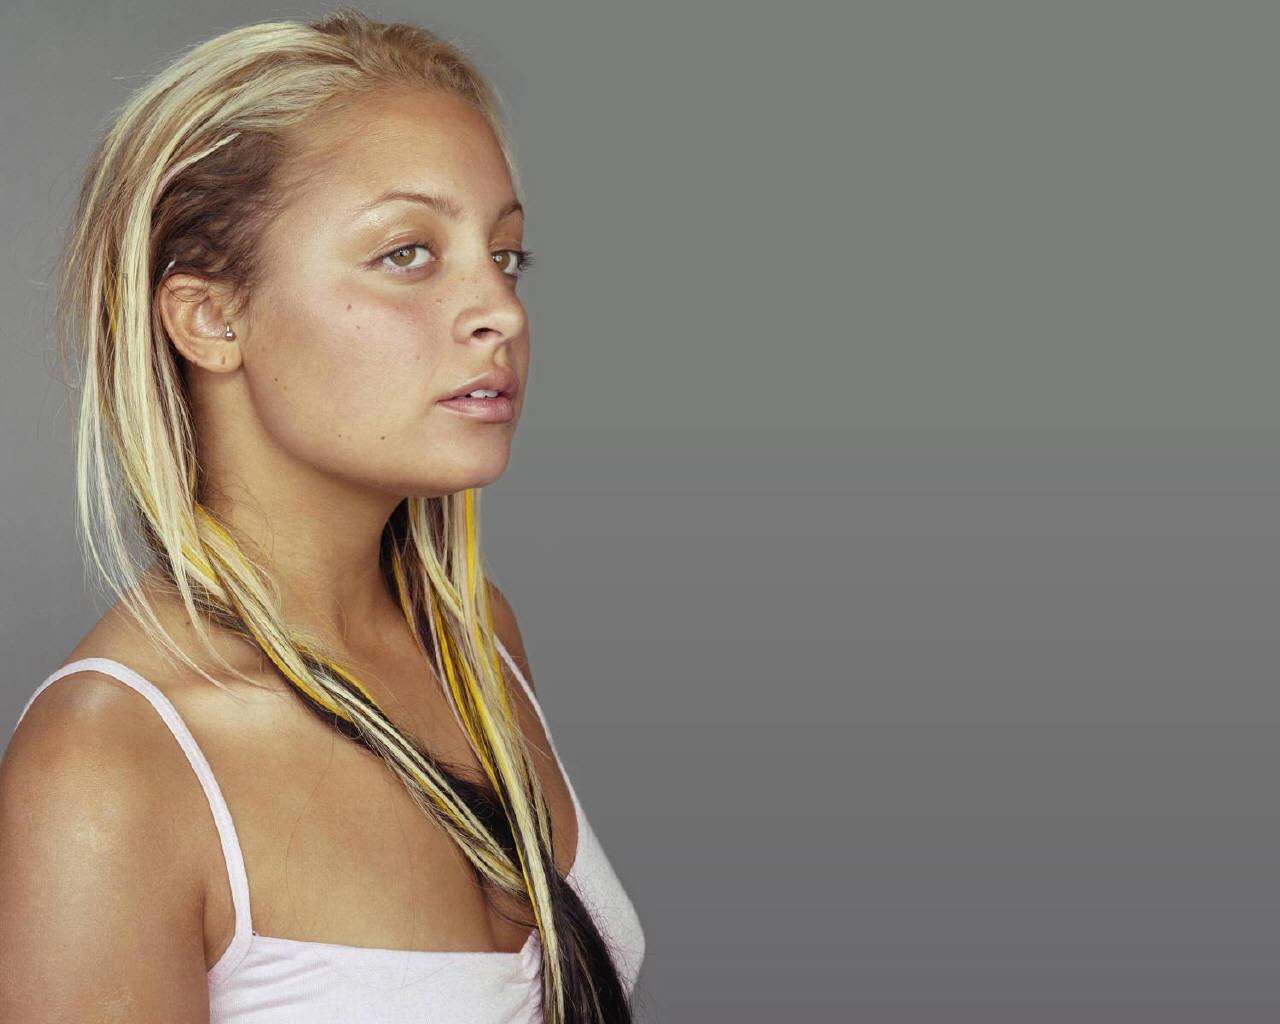 Nicole Richie Nicole Nicole Richie